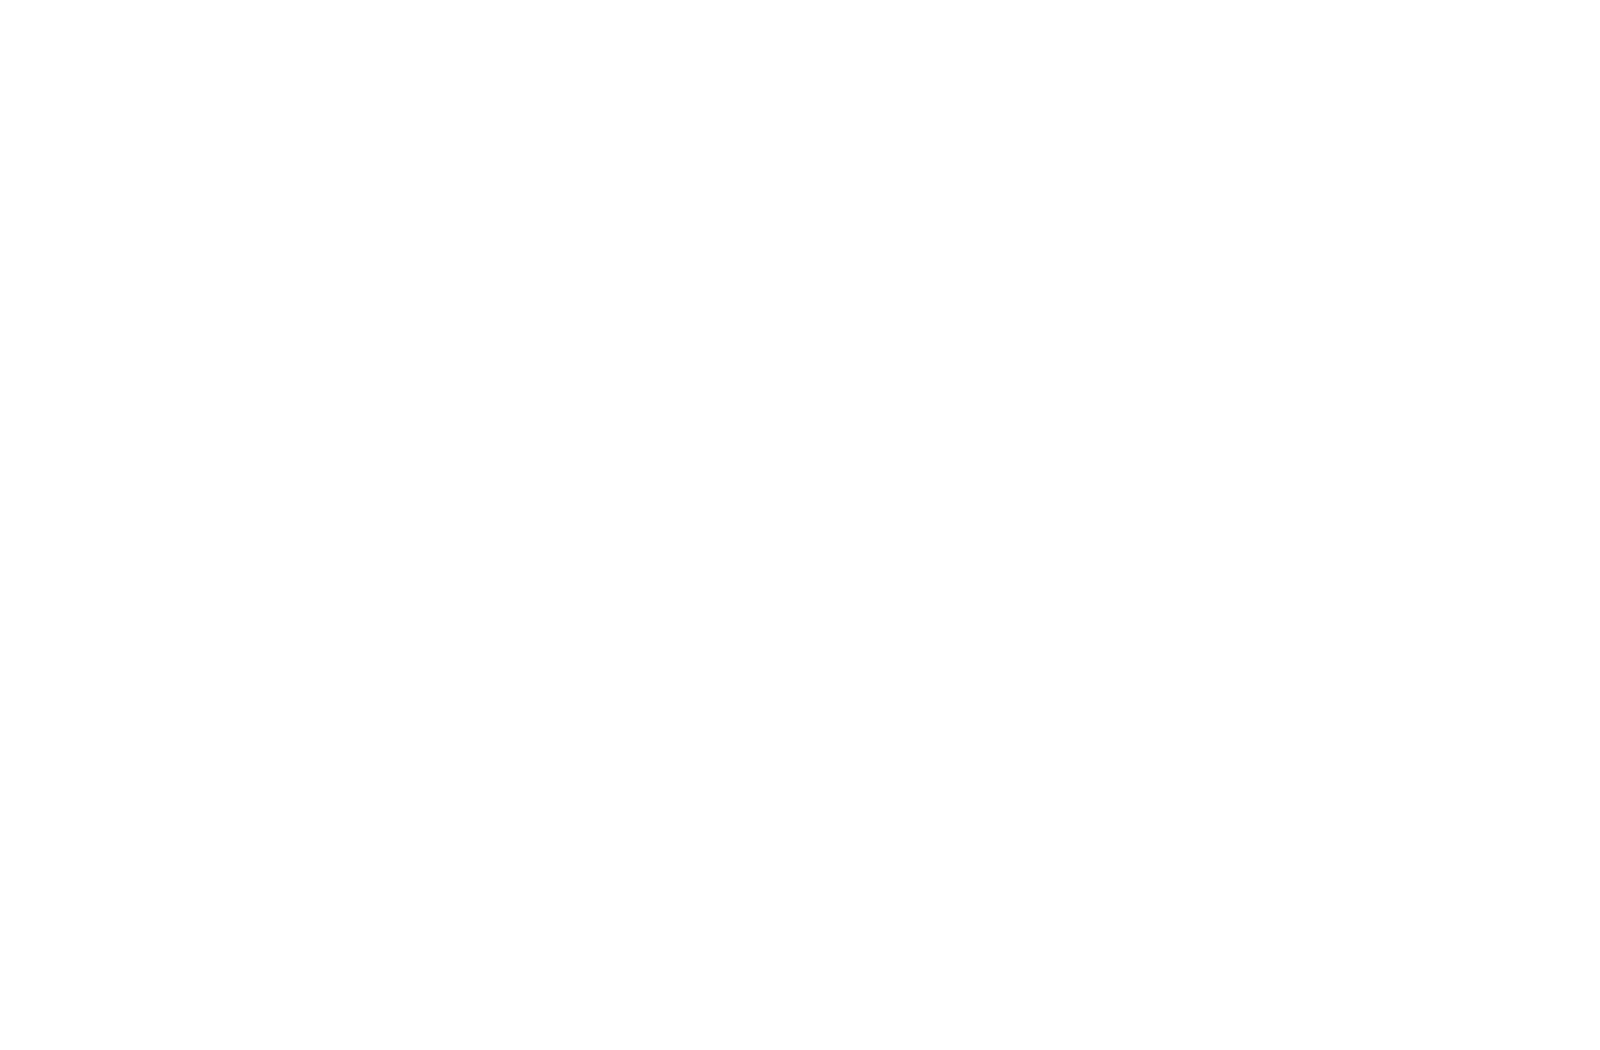 شاشة تلفاز تعرض مقطع فيديو لطفل يرتدي بدلة رائد فضاء صنعها وهو يلعب بسفينة فضاء في غرفته المزينة بأشكال مصغرة من الكواكب (قم بتشغيل الفيديو)